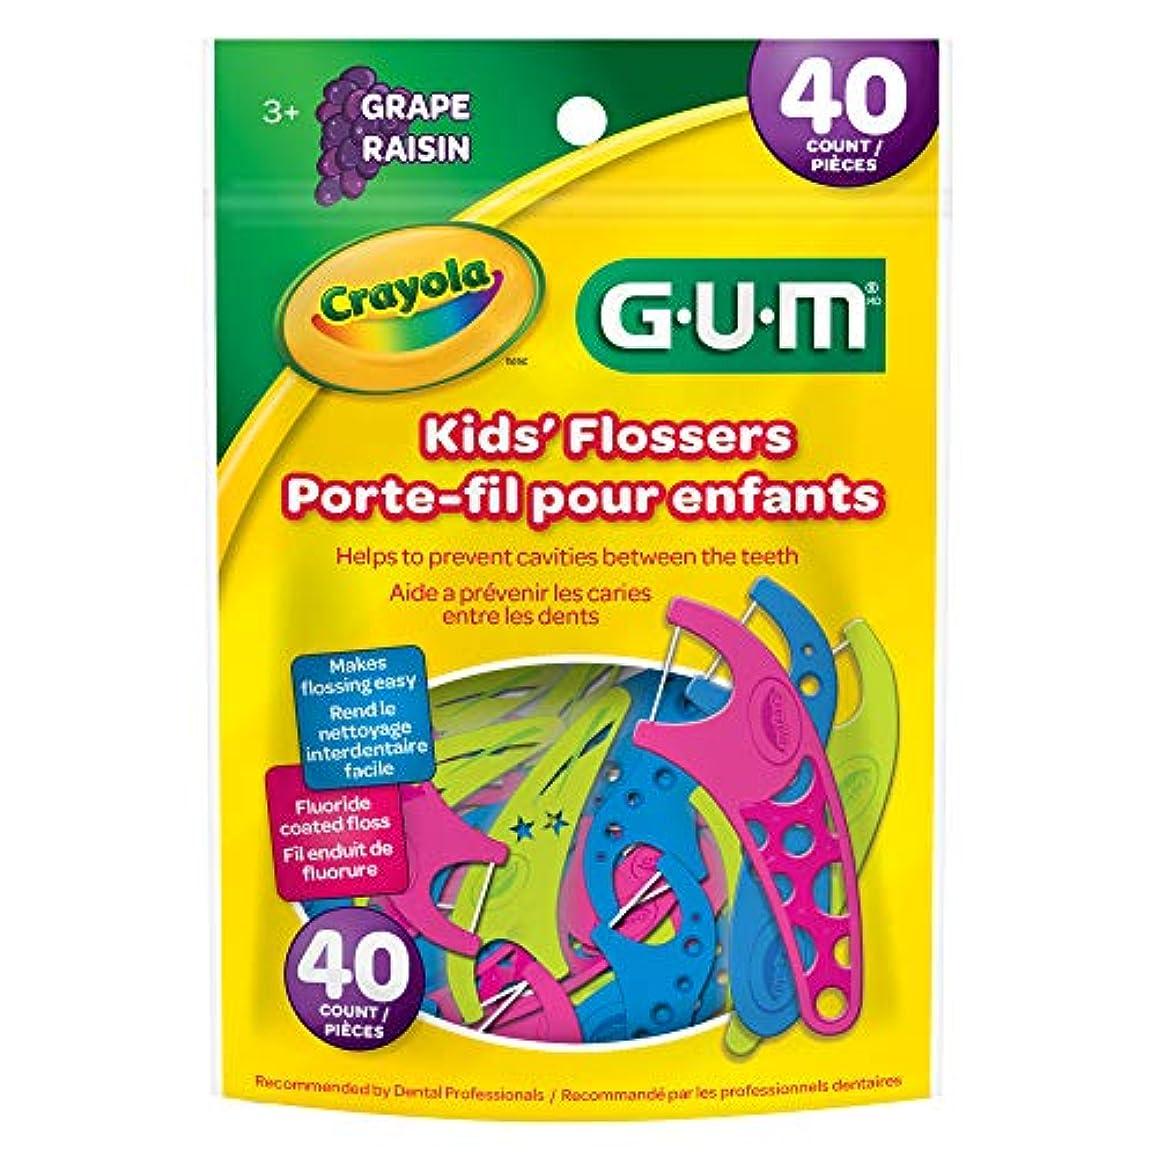 中で悪性腫瘍因子GUM® Crayola™ Kids' Flossers 40本入り キッズ?フロッサー